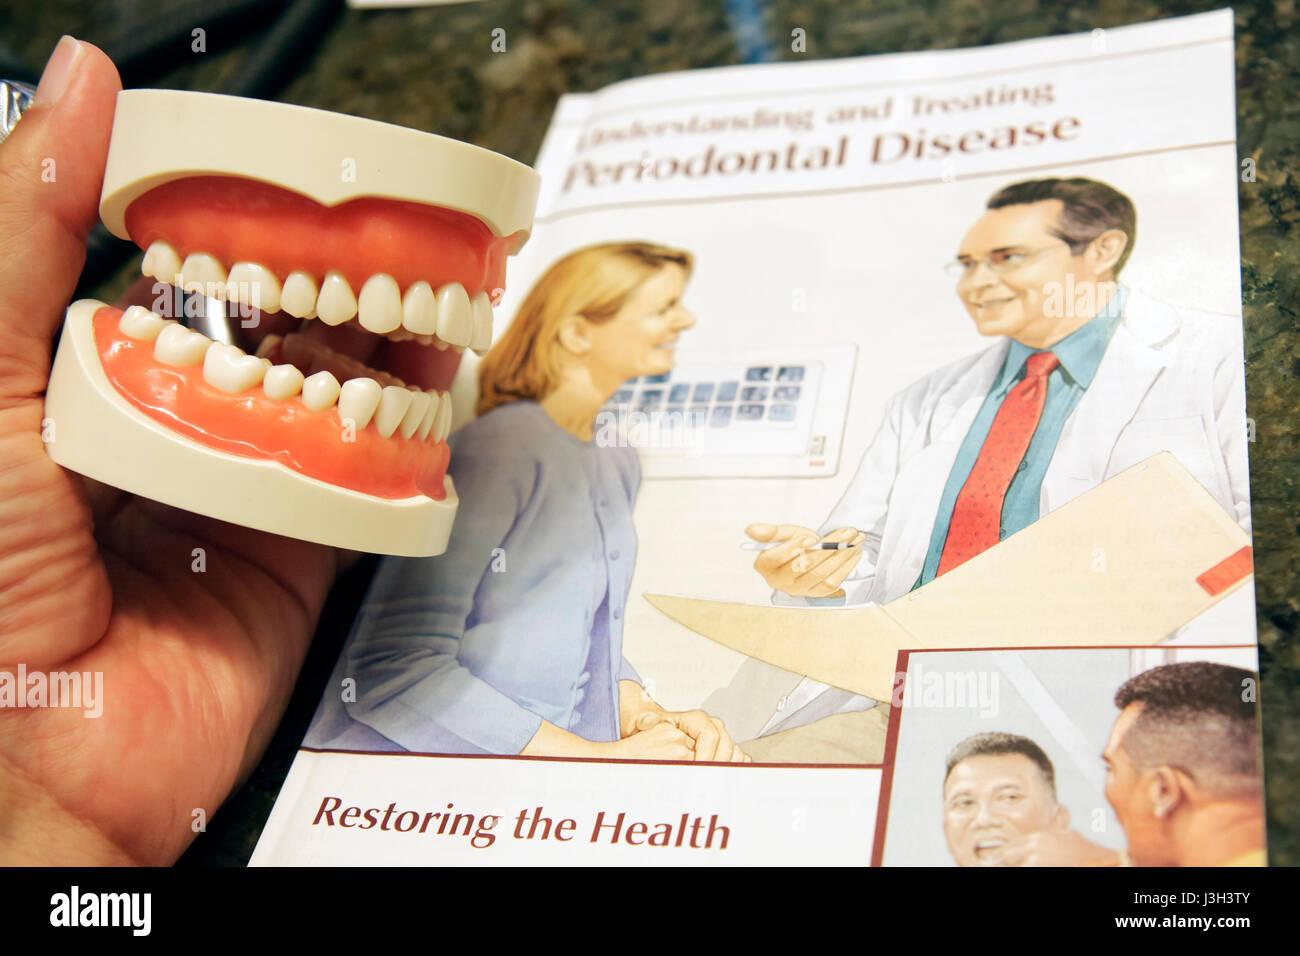 Nett Anatomie Der Primären Zähne Zeitgenössisch - Anatomie Ideen ...